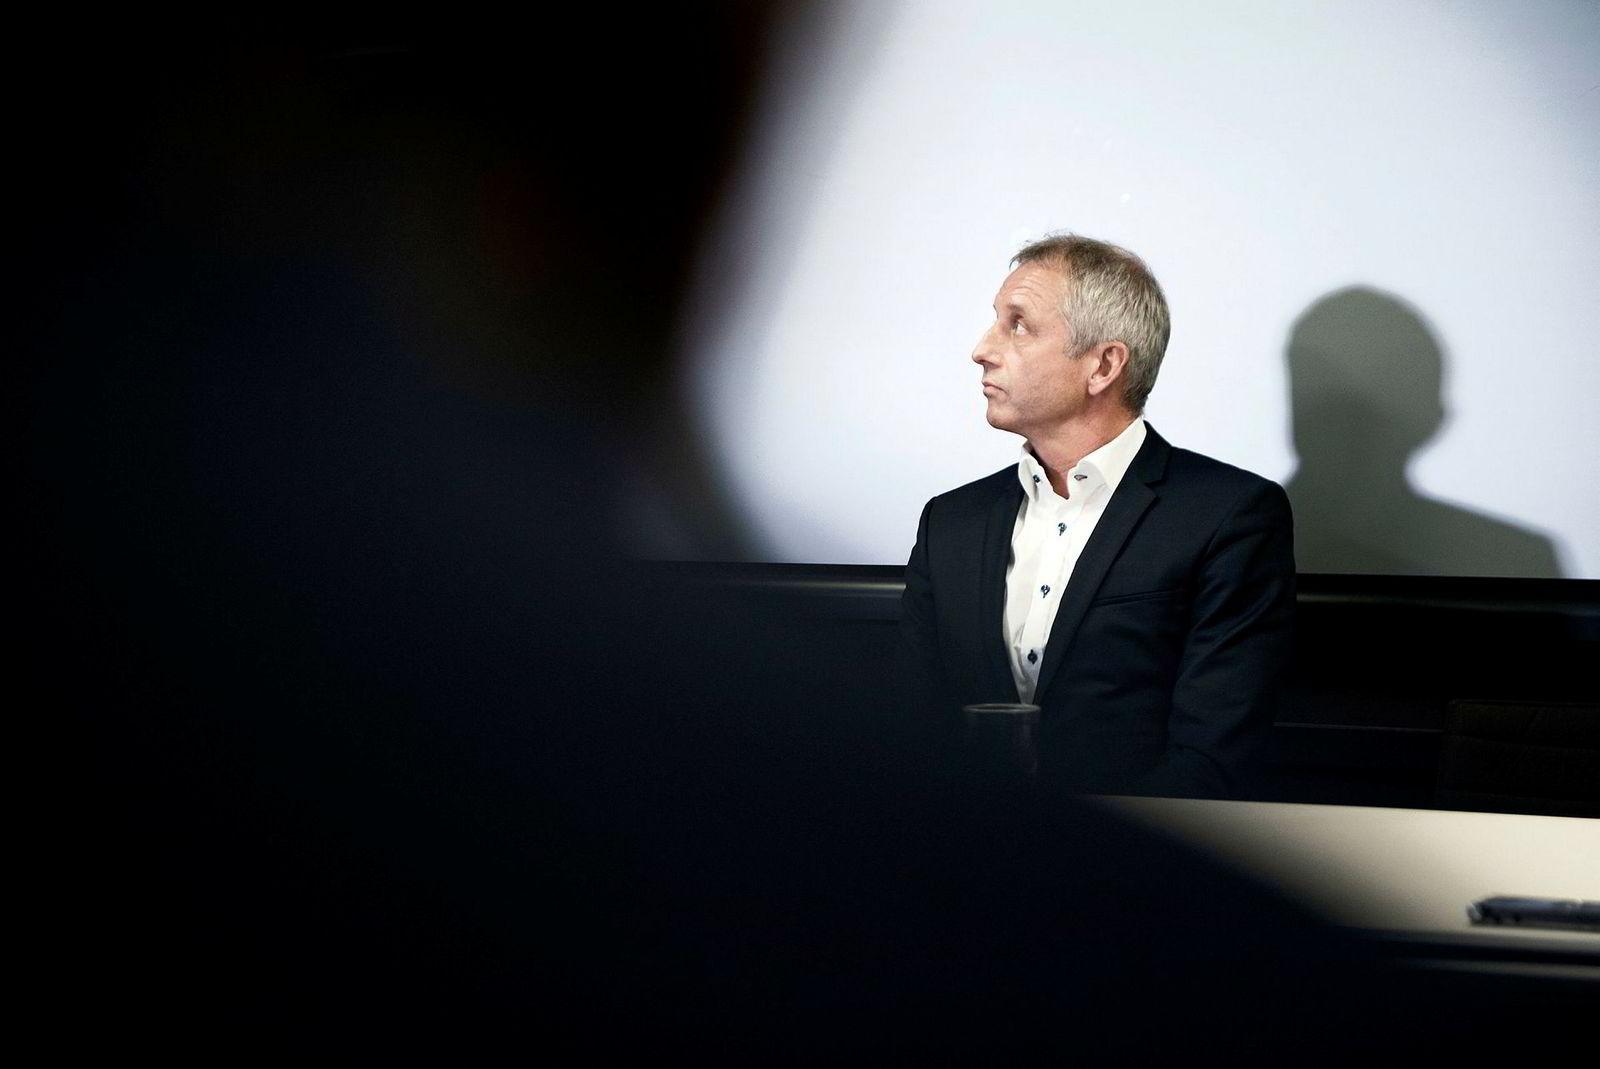 Etter to års etterforskning henla Økokrim korrupsjonssiktelsen mot tidligere Vimpelcom-sjef Jo Lunder. Hans advokat gjorde det straks klart at Lunder vil kreve en høy erstatning for de tap to års etterforskning har påført ham.